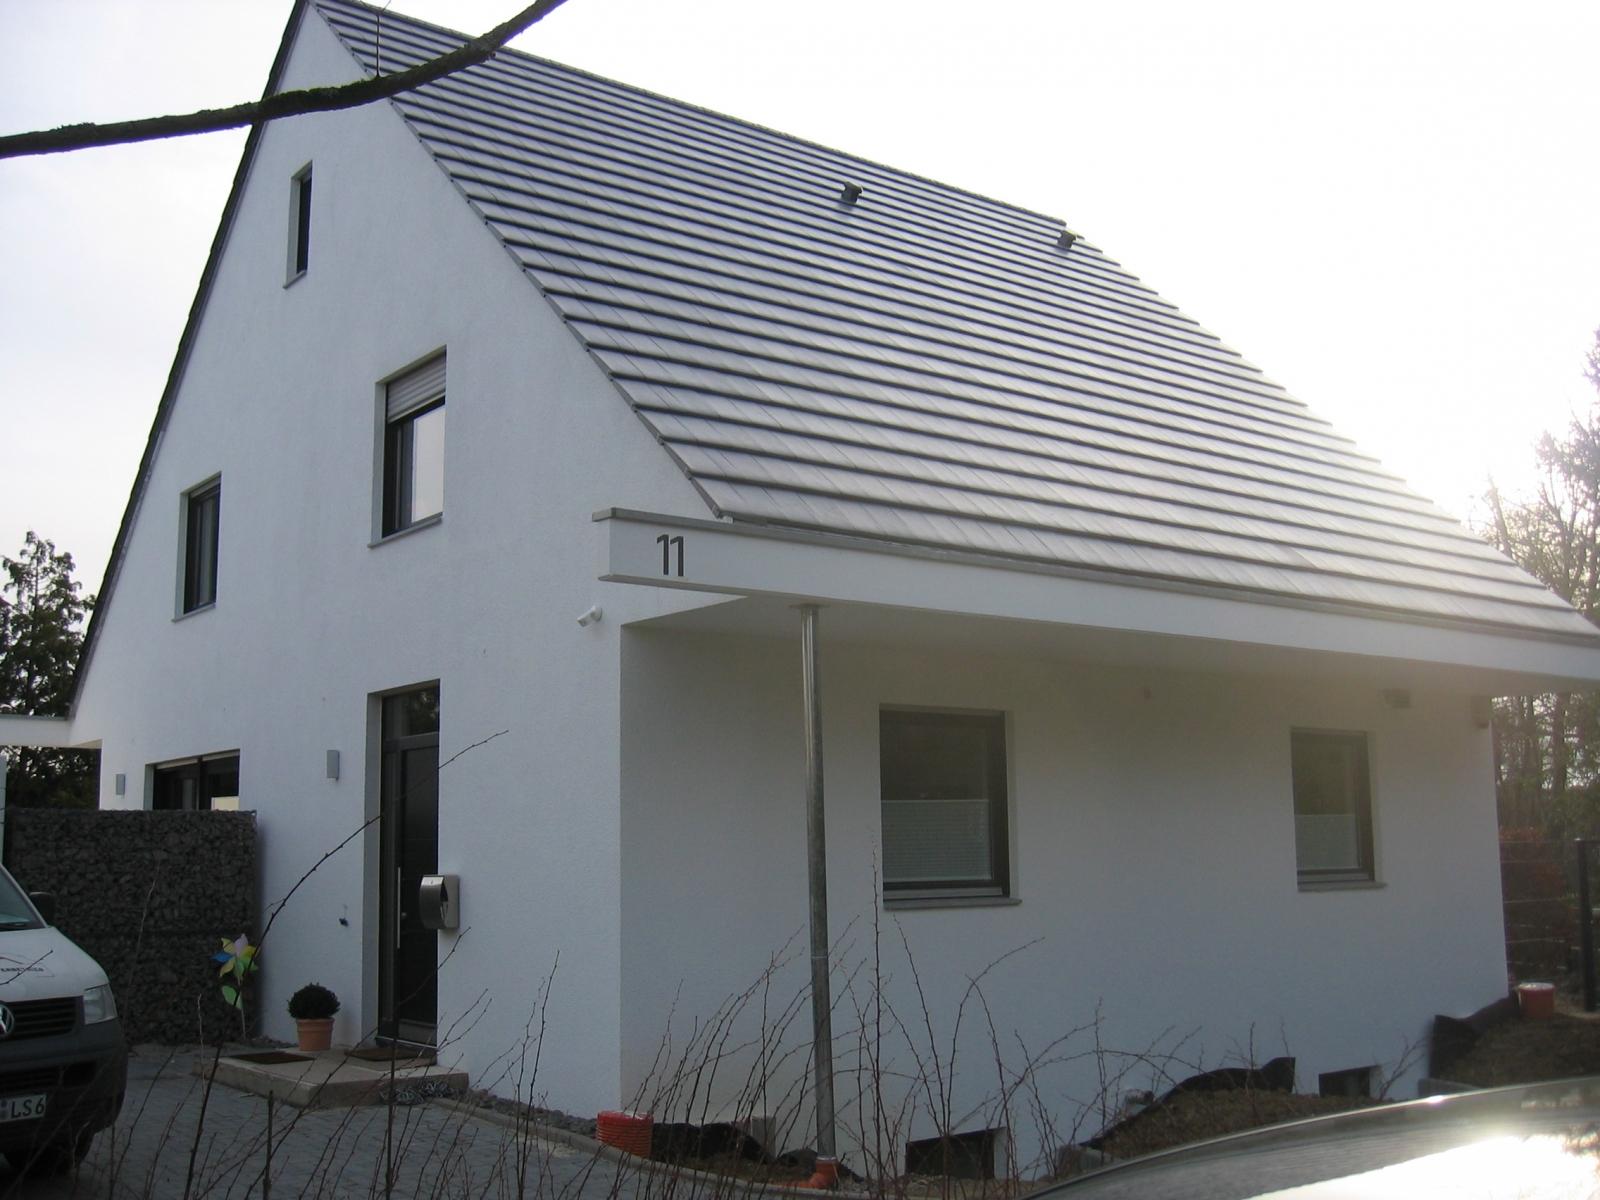 Kohler Eschweiler 010